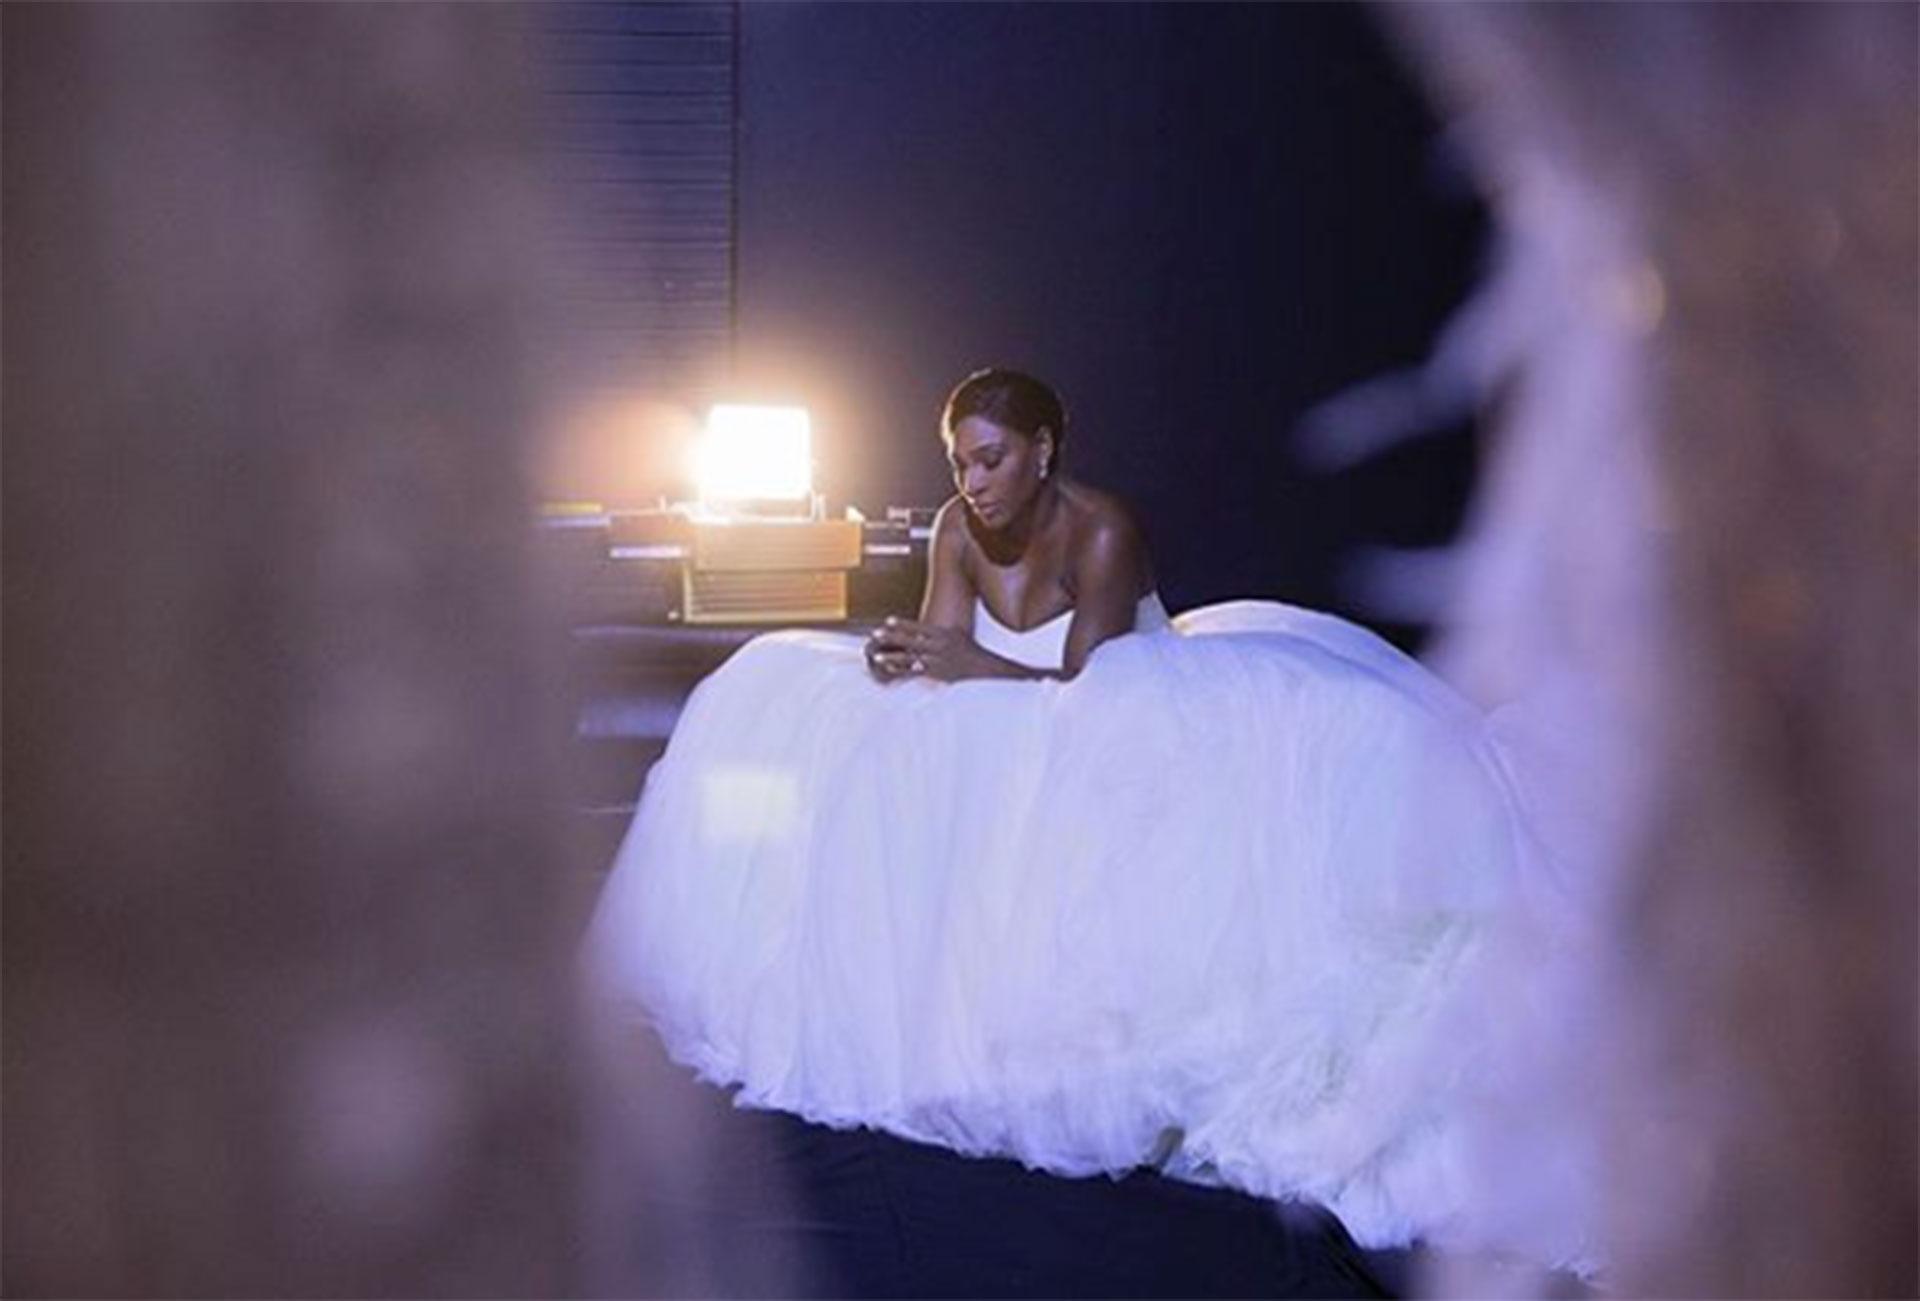 El vestido, un elegante diseño strapless, ceñido en la cintura y con una enorme falda de múltiples velos, digo de una novia de cuento de hadas.